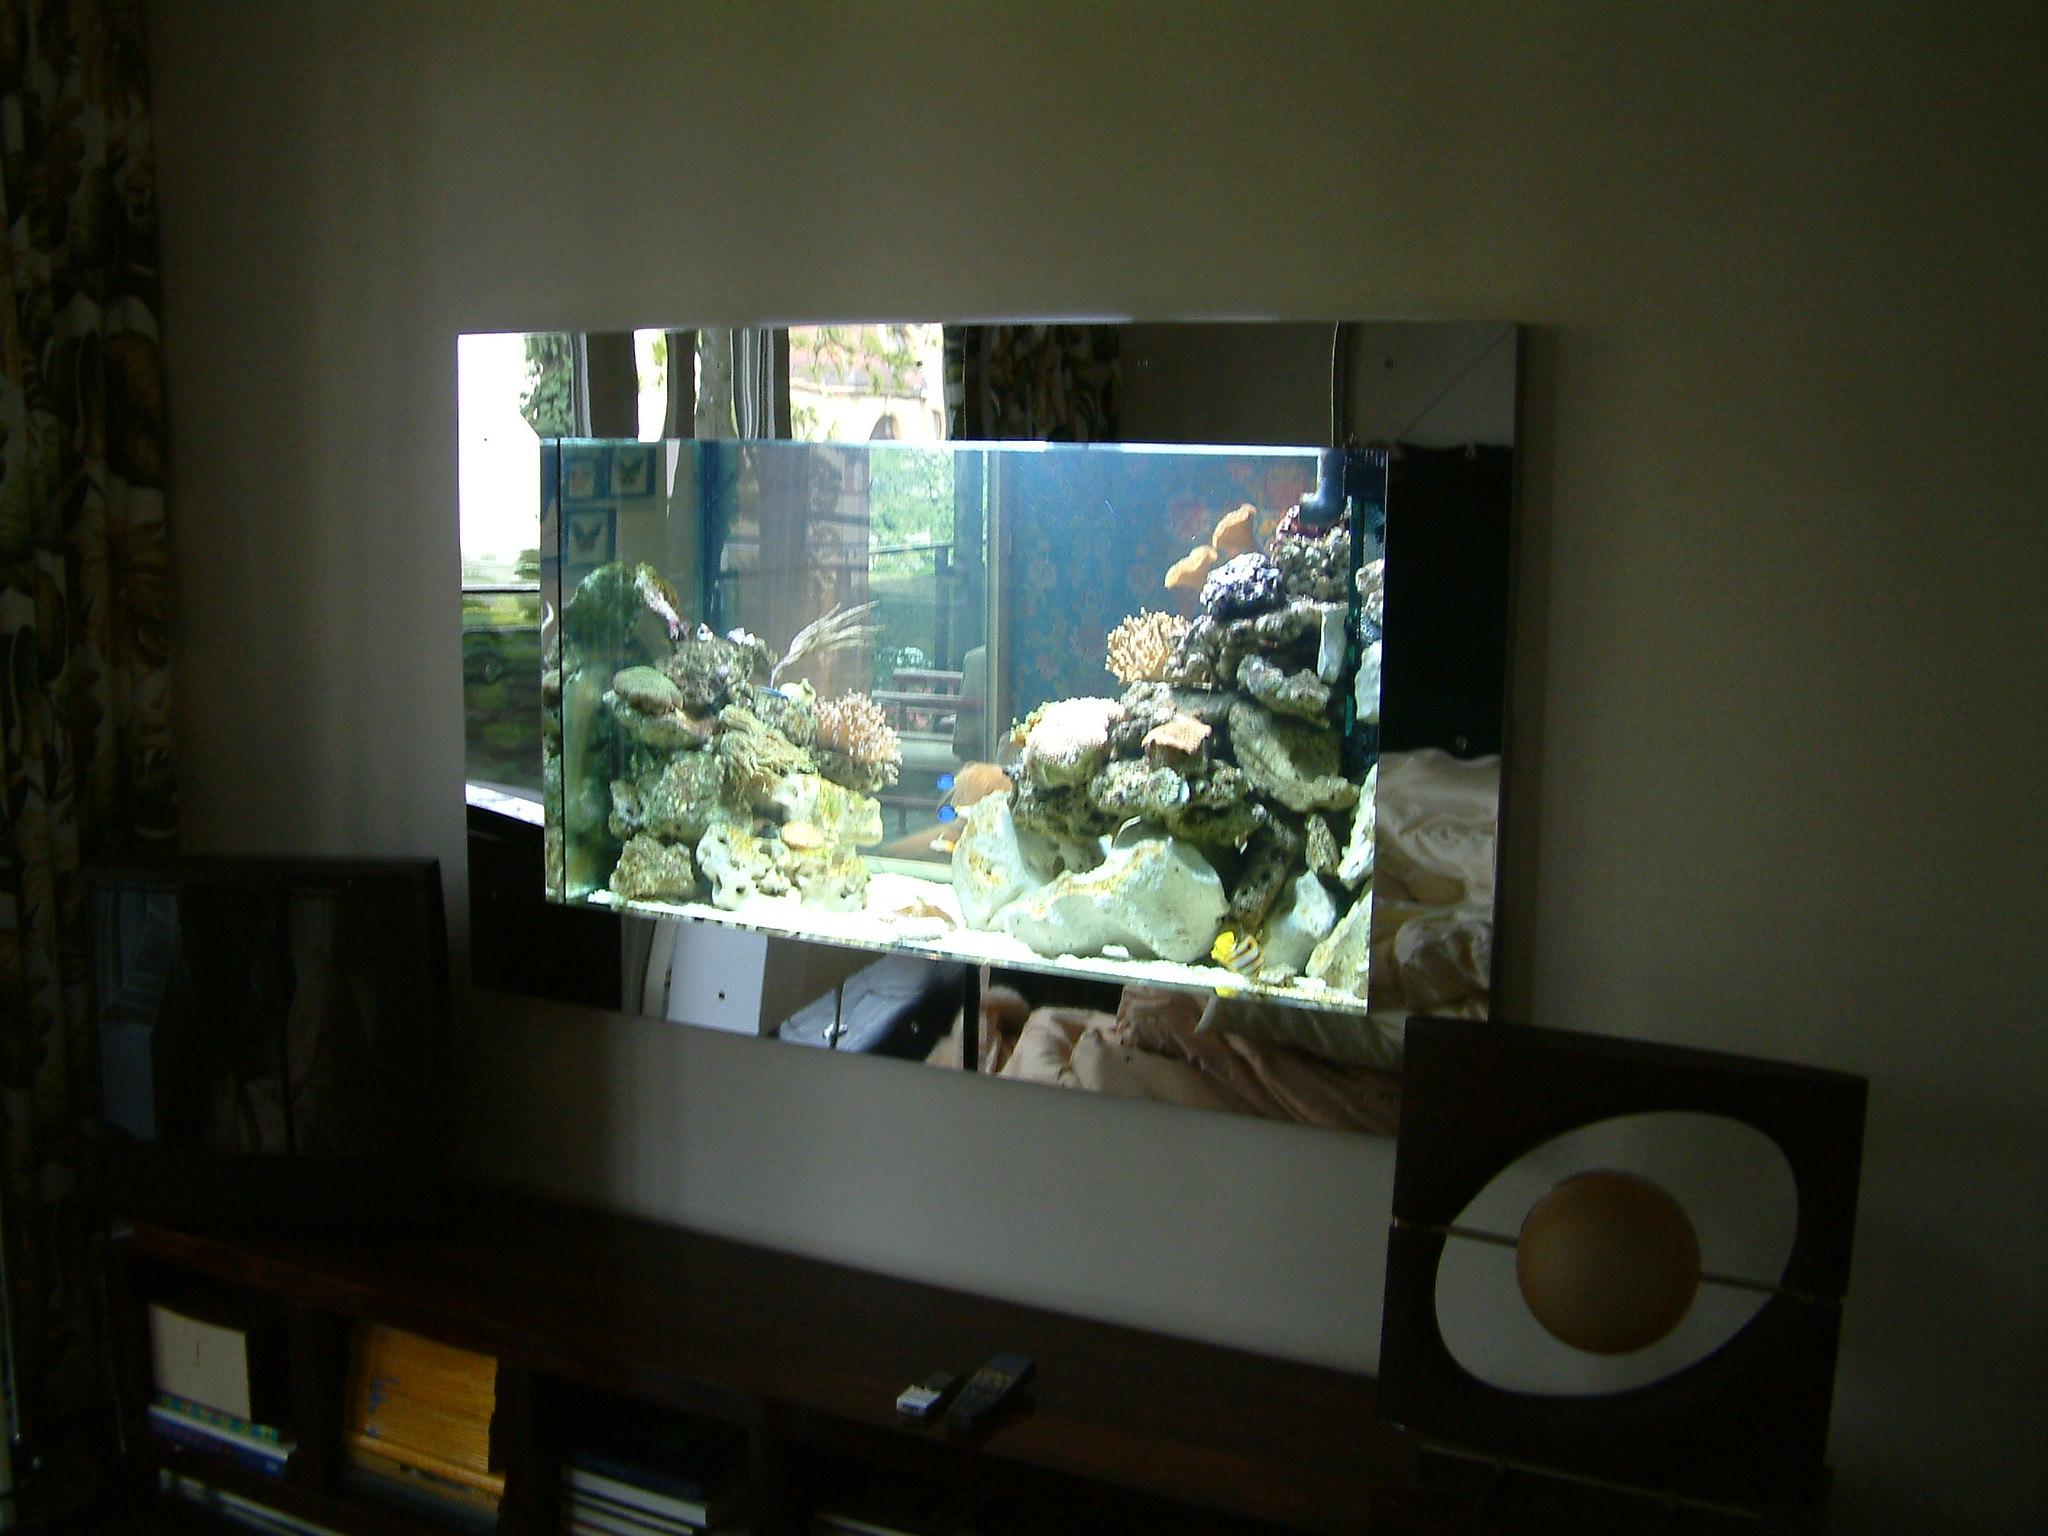 Aquarium München - Wasserwechsel im Meerwasseraquarium